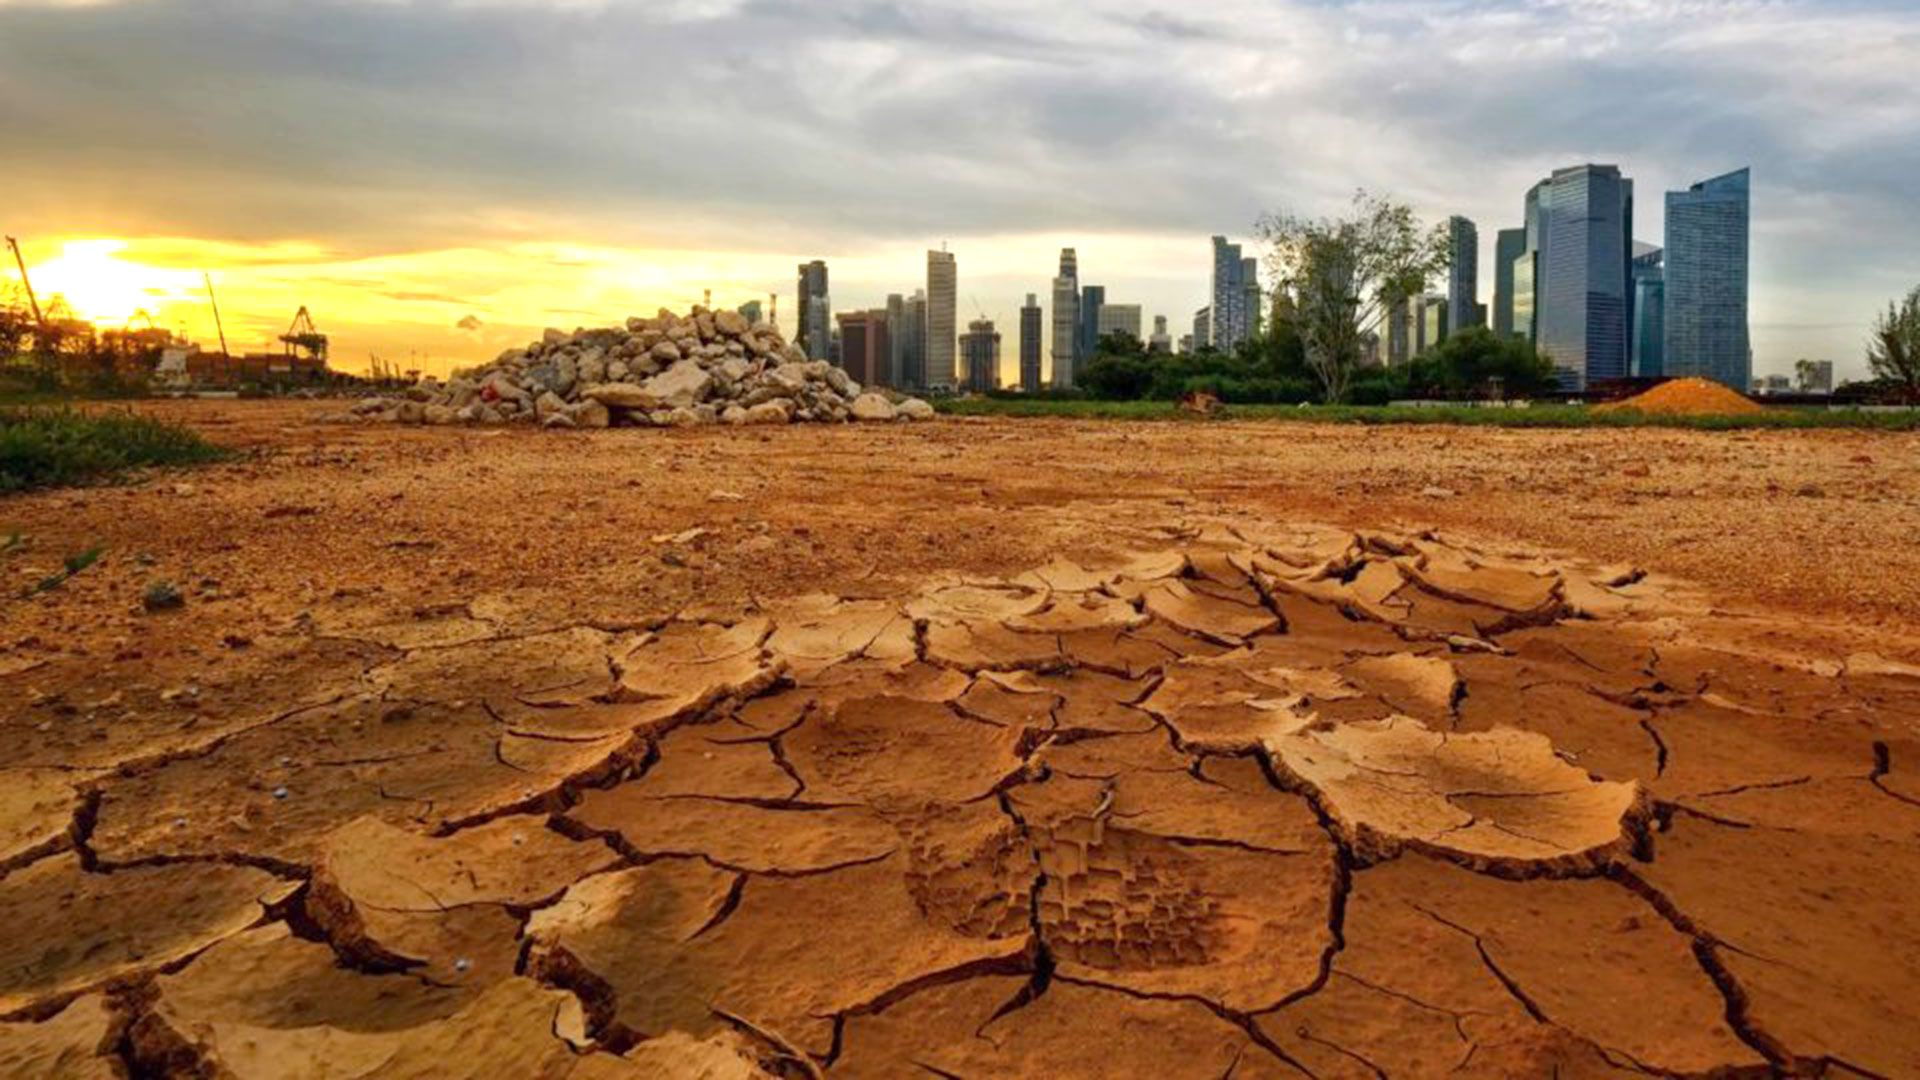 Olas de calor, derretimiento de los glaciares, inundaciones, sequías son algunas de las consecuencias del calentamiento global